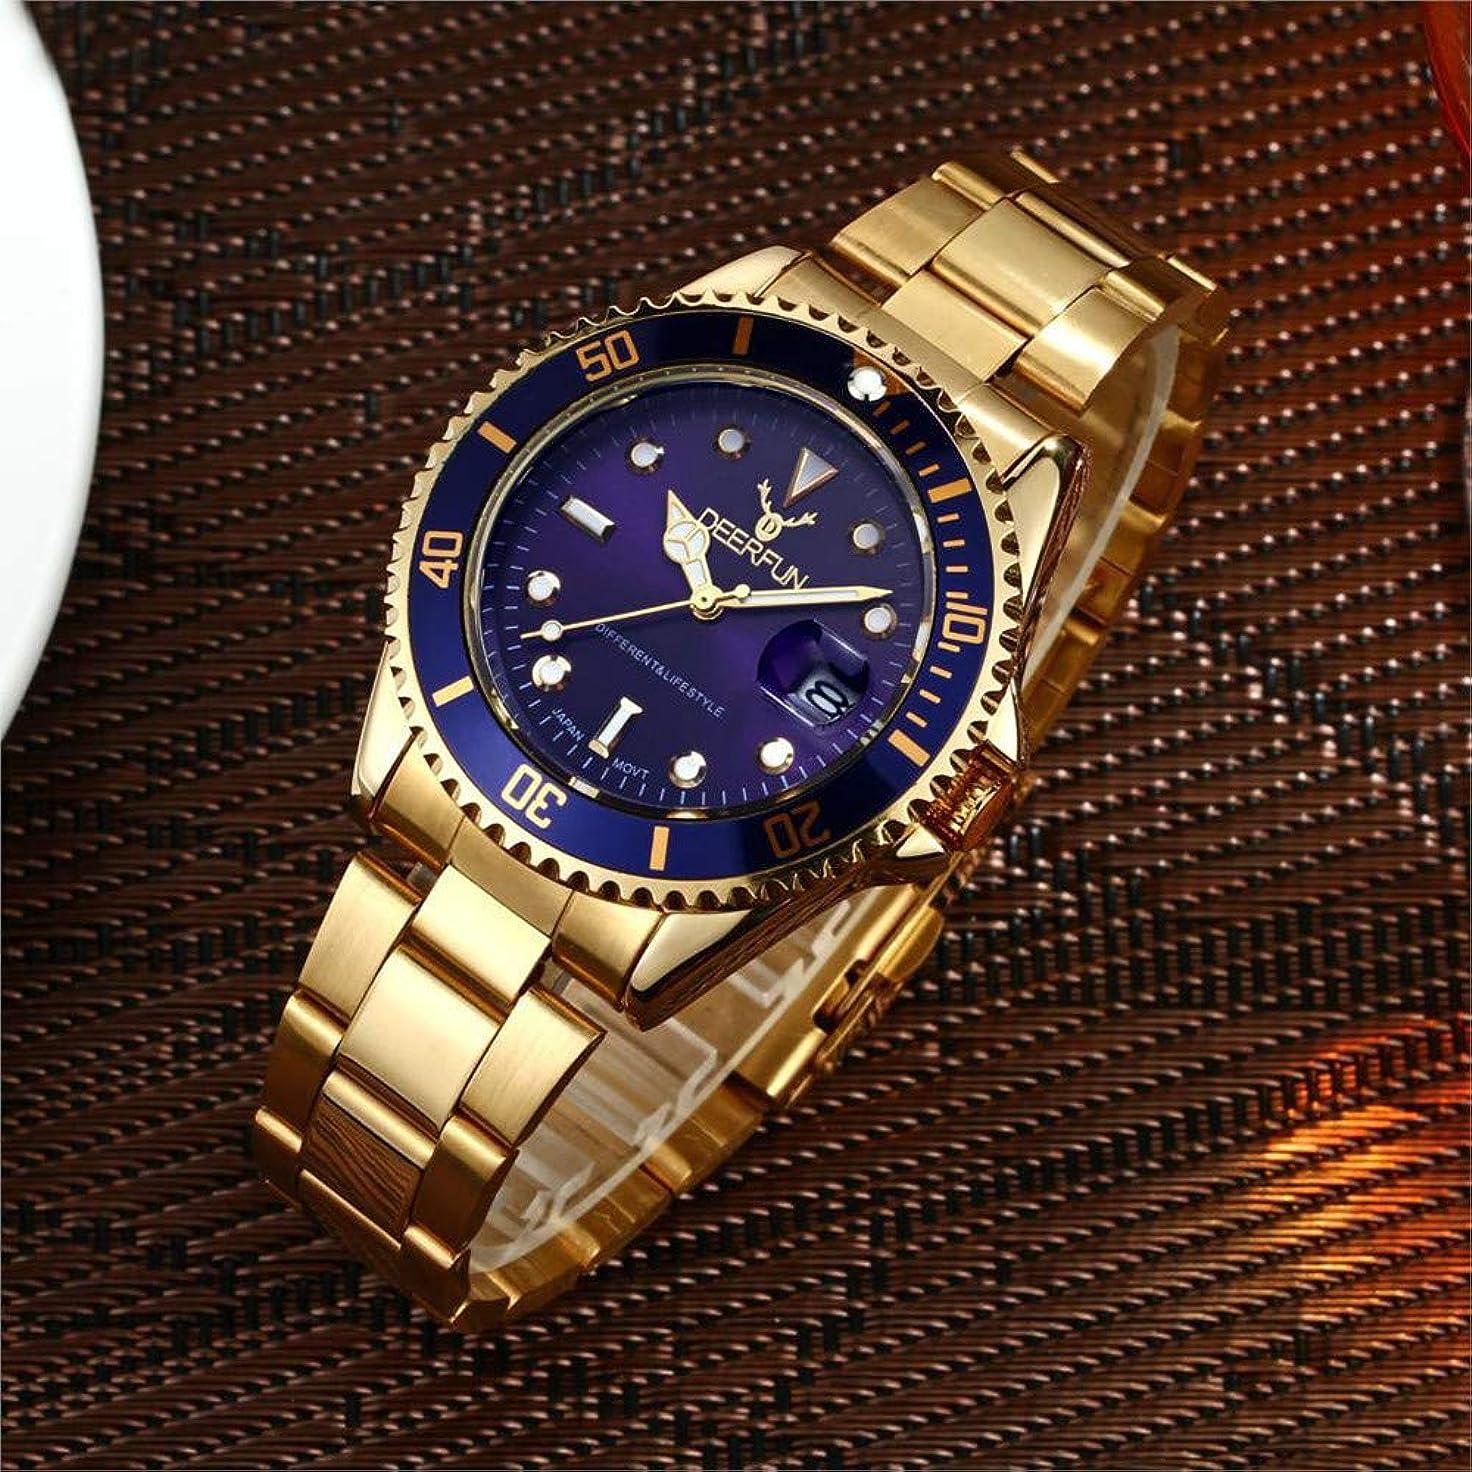 飛行場粗い部分防水腕時計メンズ高級ブランドカジュアルステンレススチールスポーツ腕時計クォーツ腕時計メンズ腕時計 (L)